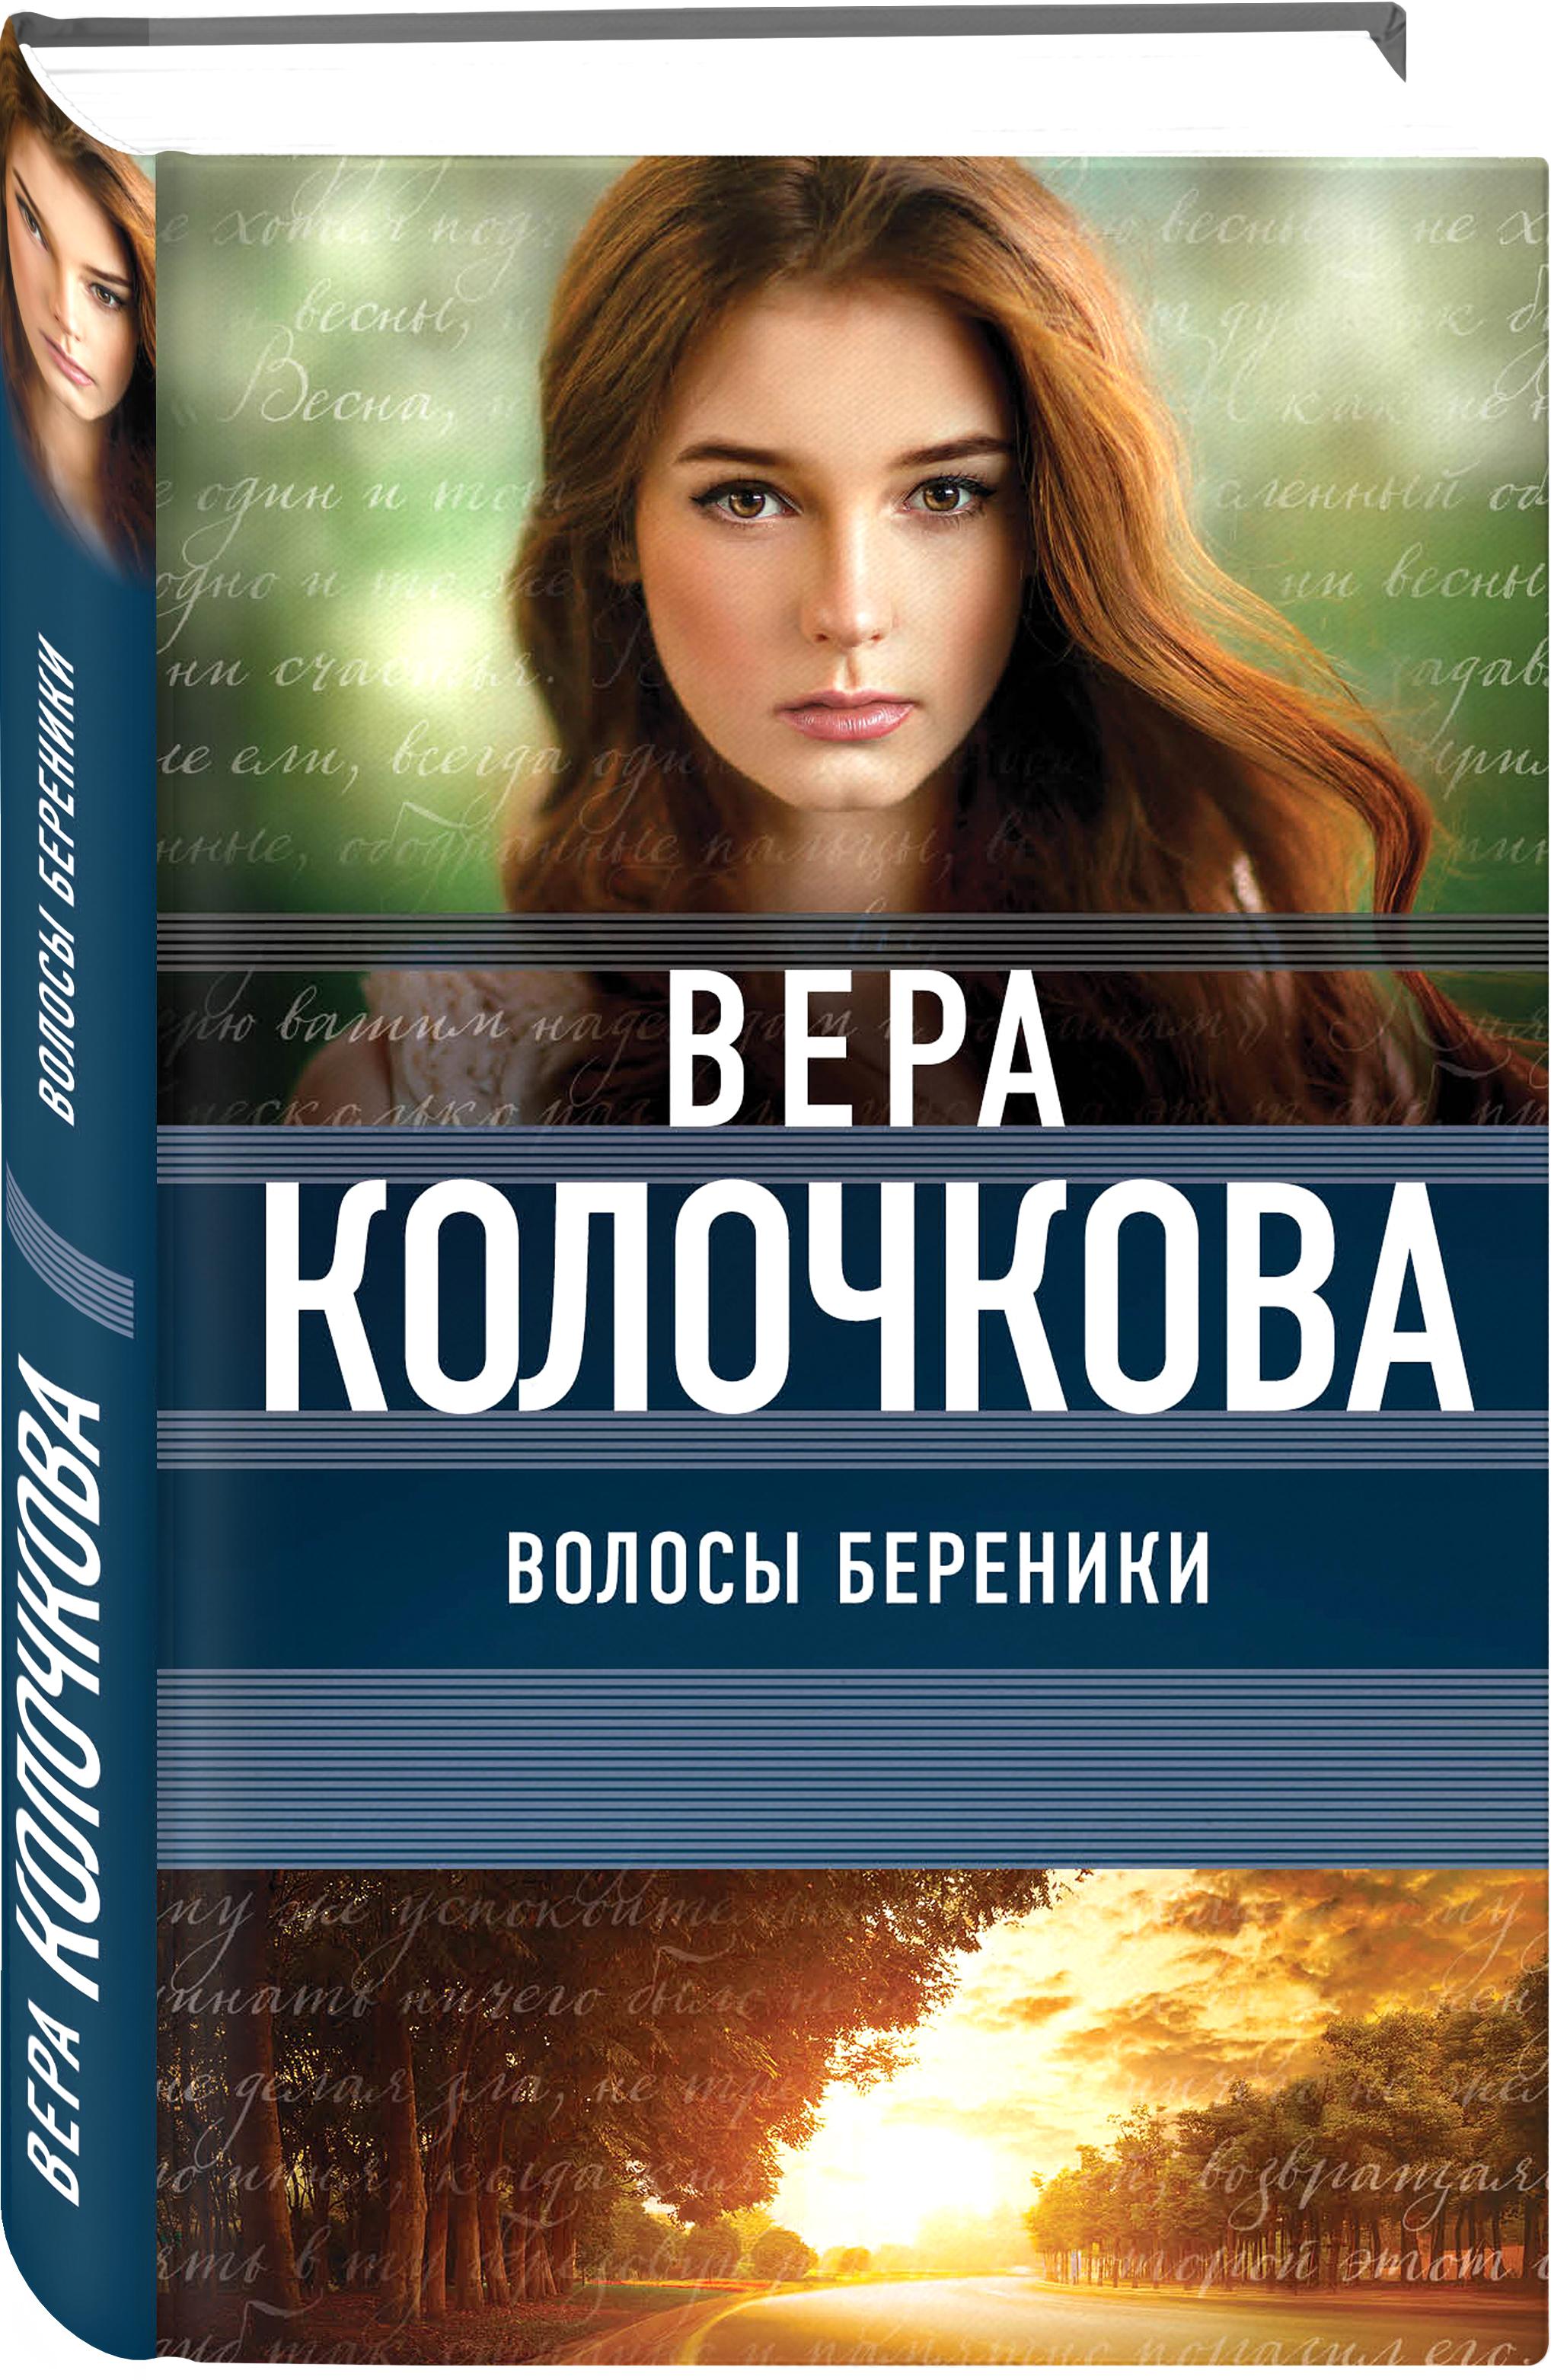 Колочкова В. Волосы Береники смеситель болгария сева м арт 1849 купить